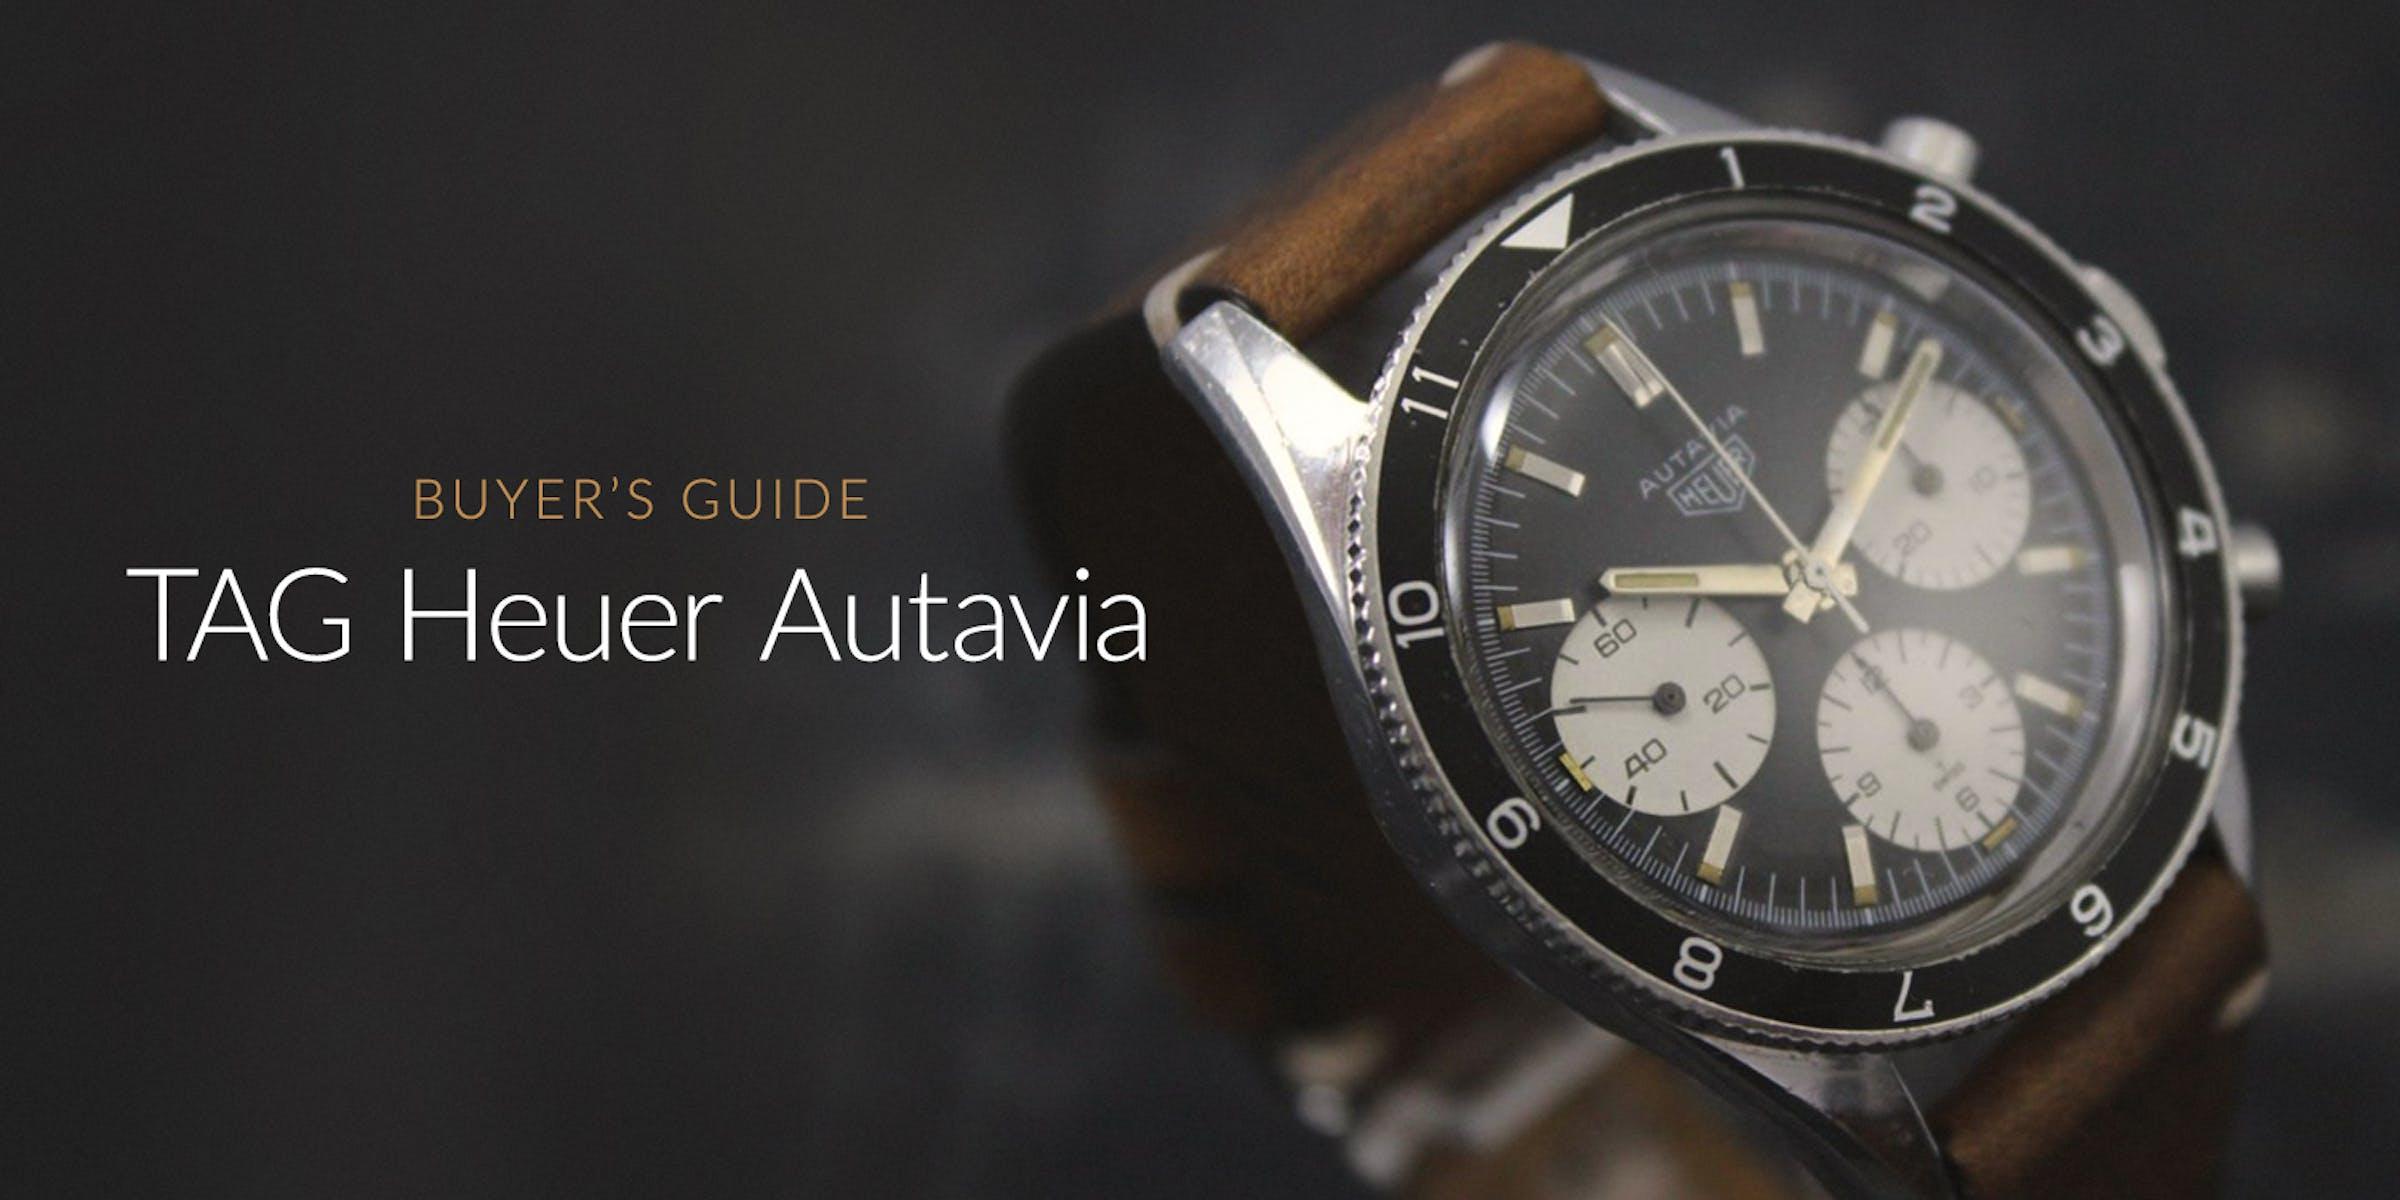 CAM-1404-Buyers-Guide-Heuer-Autavia-2-1-EN